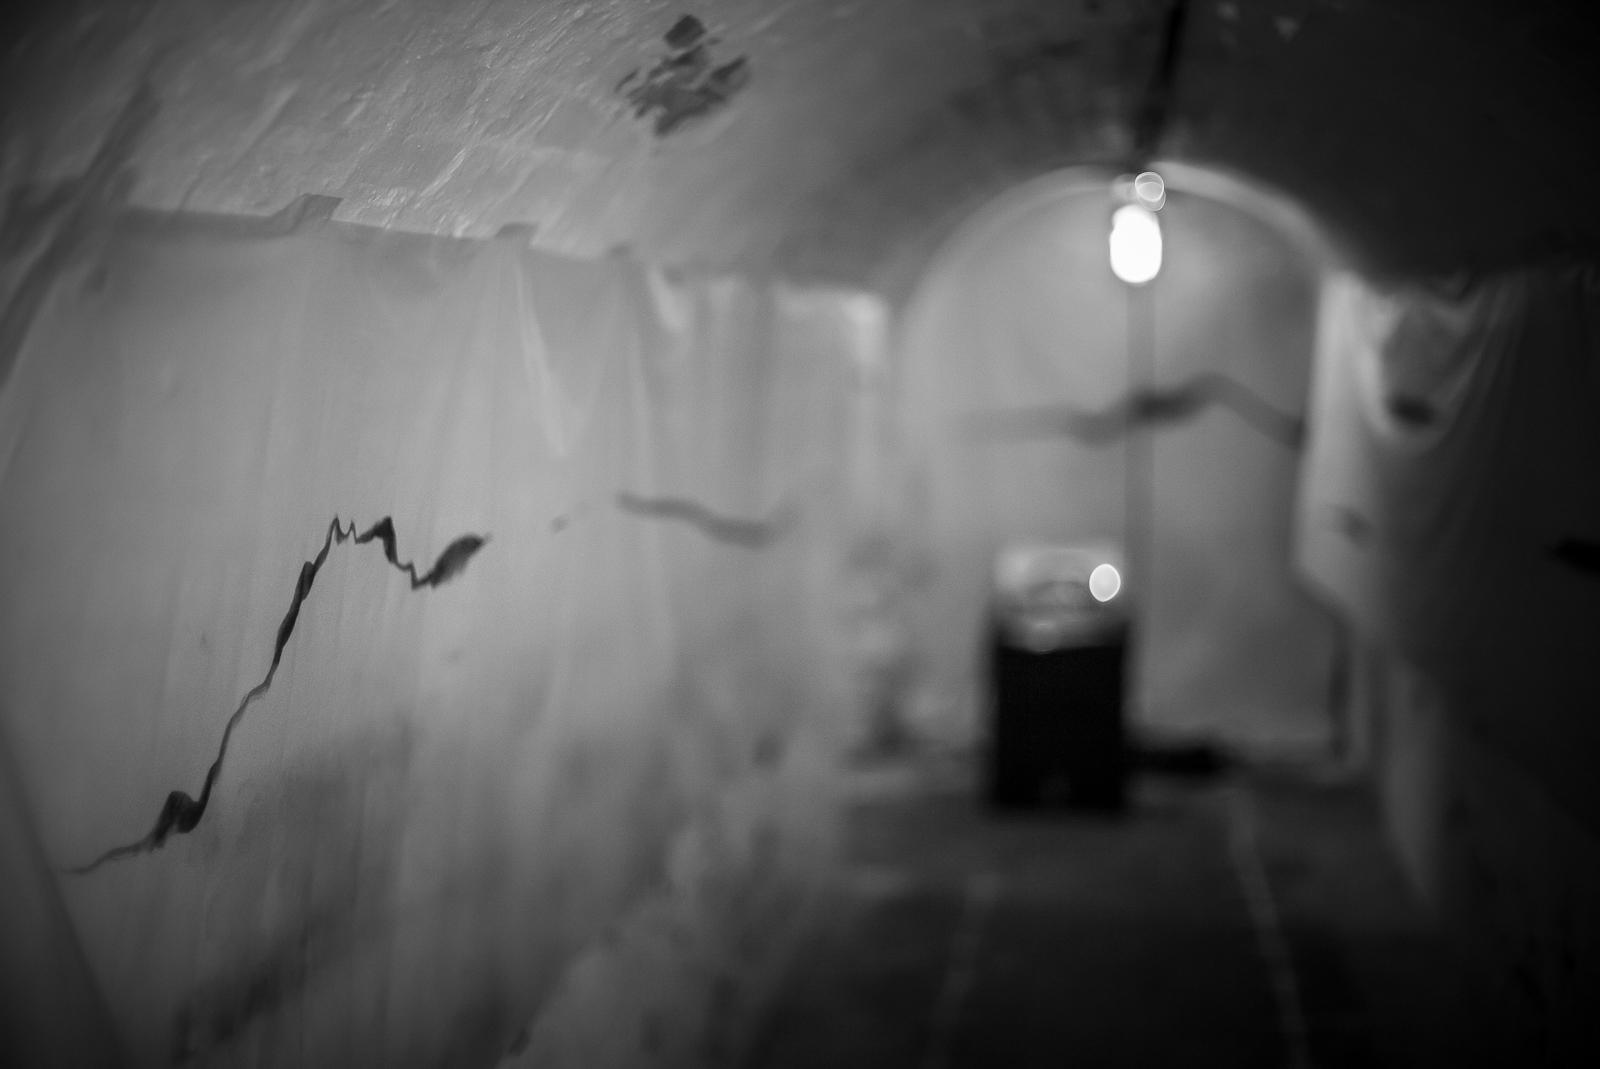 Jobina Tinnemans - 'Caponier' - photo Agata Urbaniak